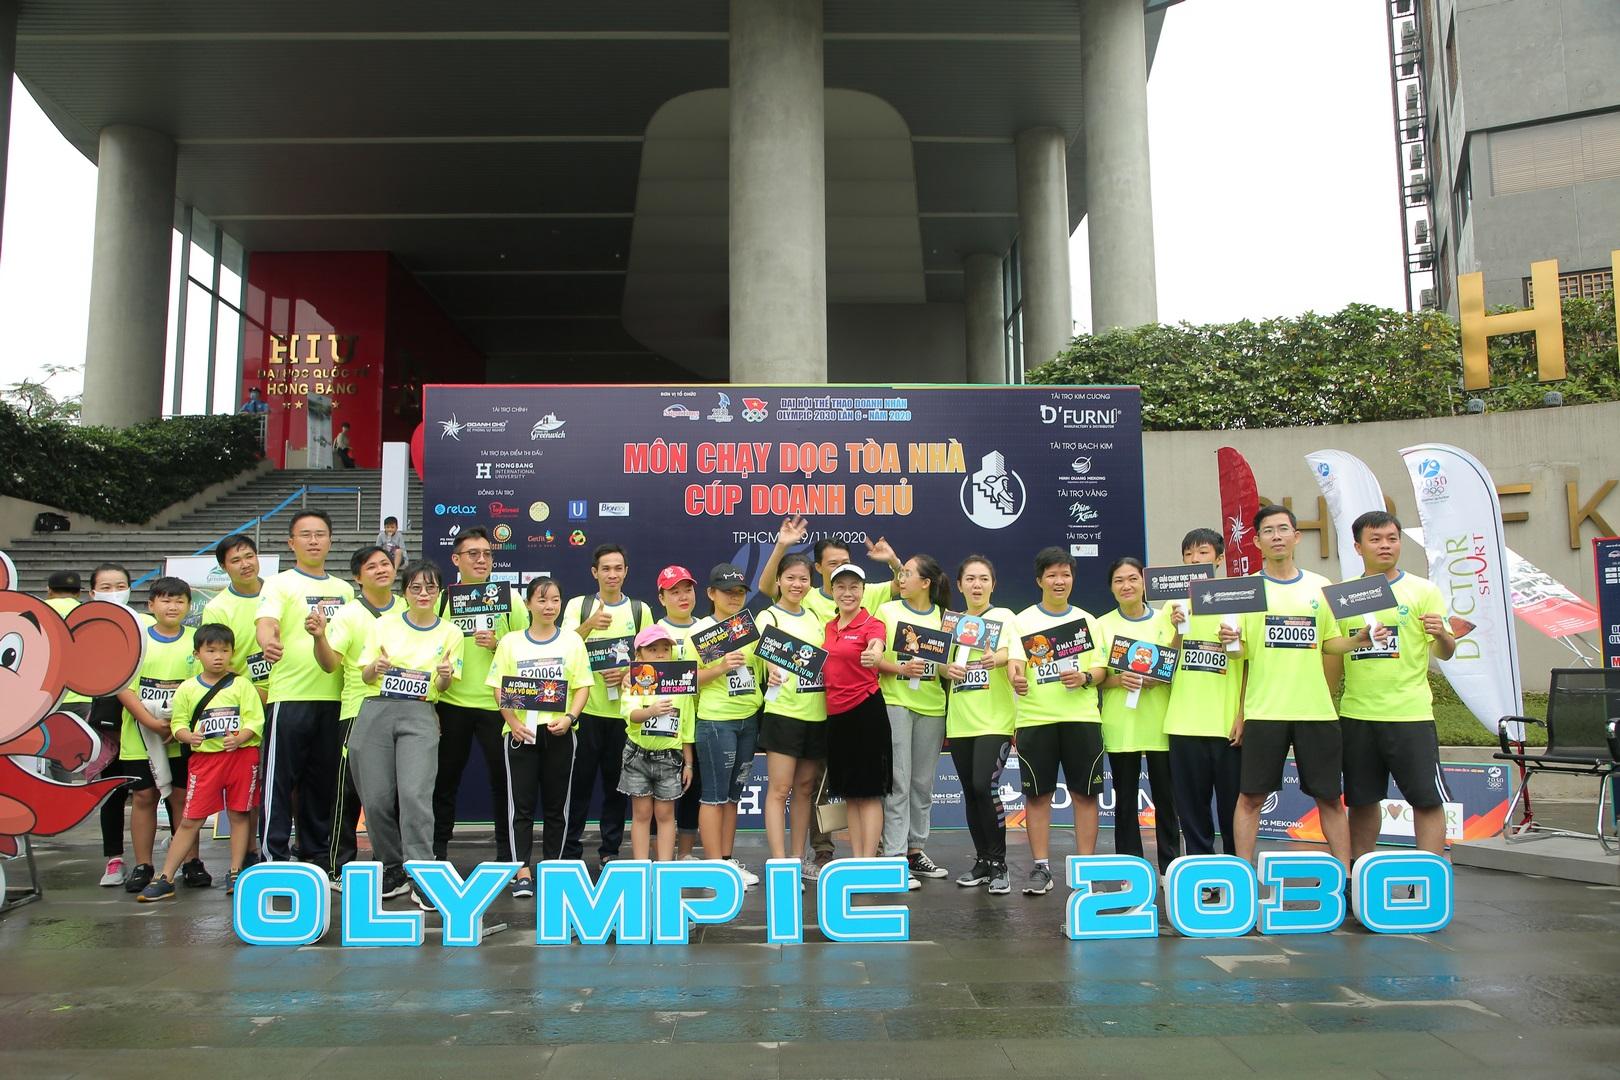 Sôi động mùa giải Olympic 2030 & cuộc đua Chạy dọc tòa nhà Cúp Doanh Chủ